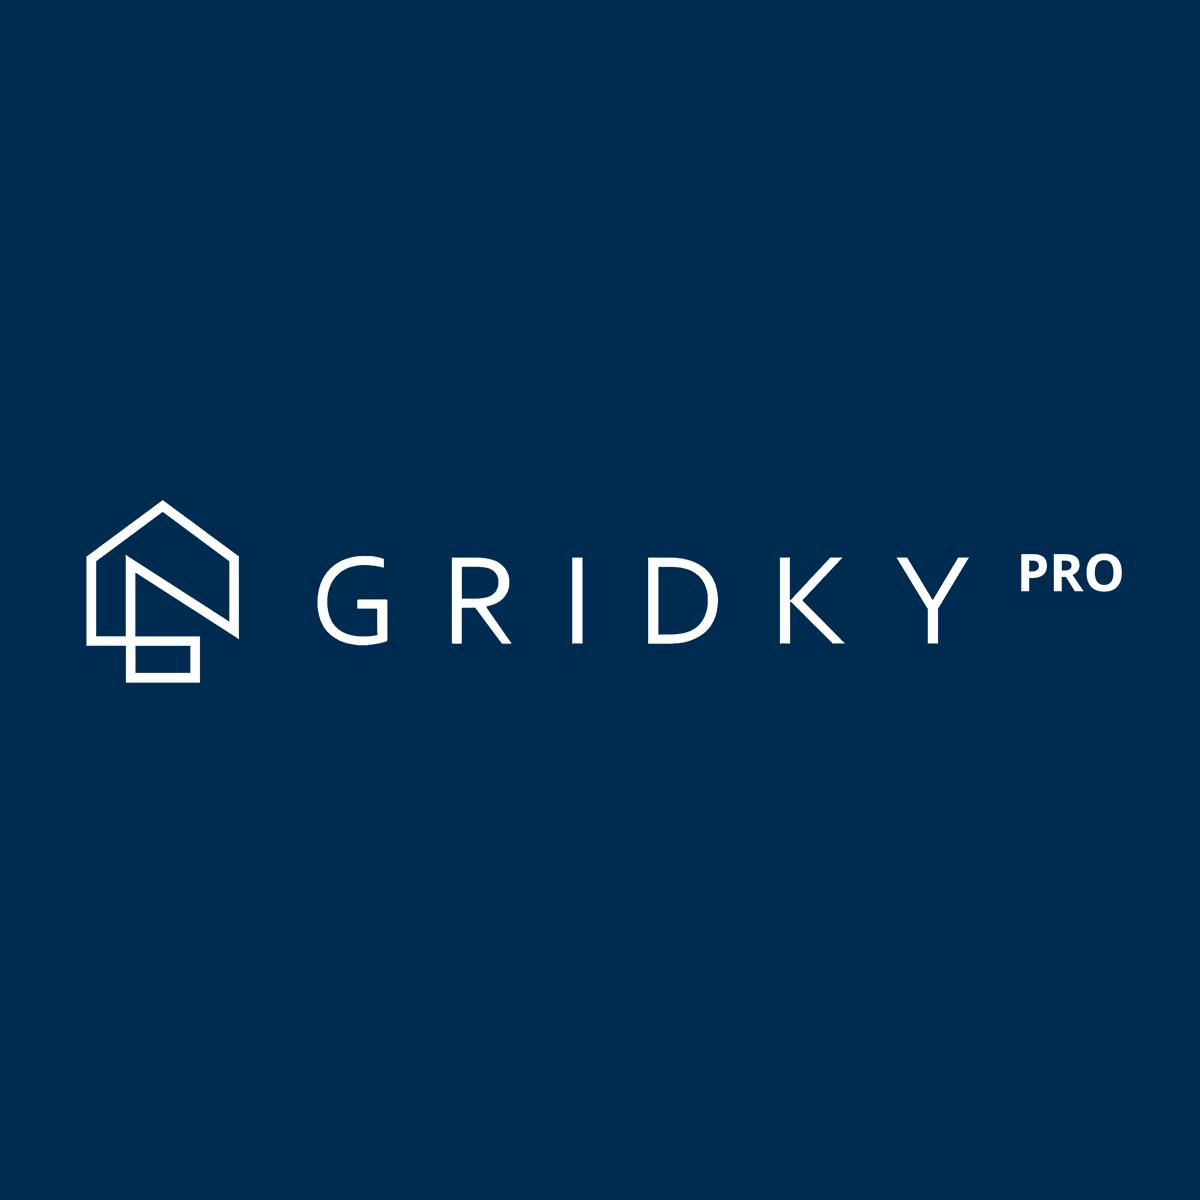 Logo Gridky